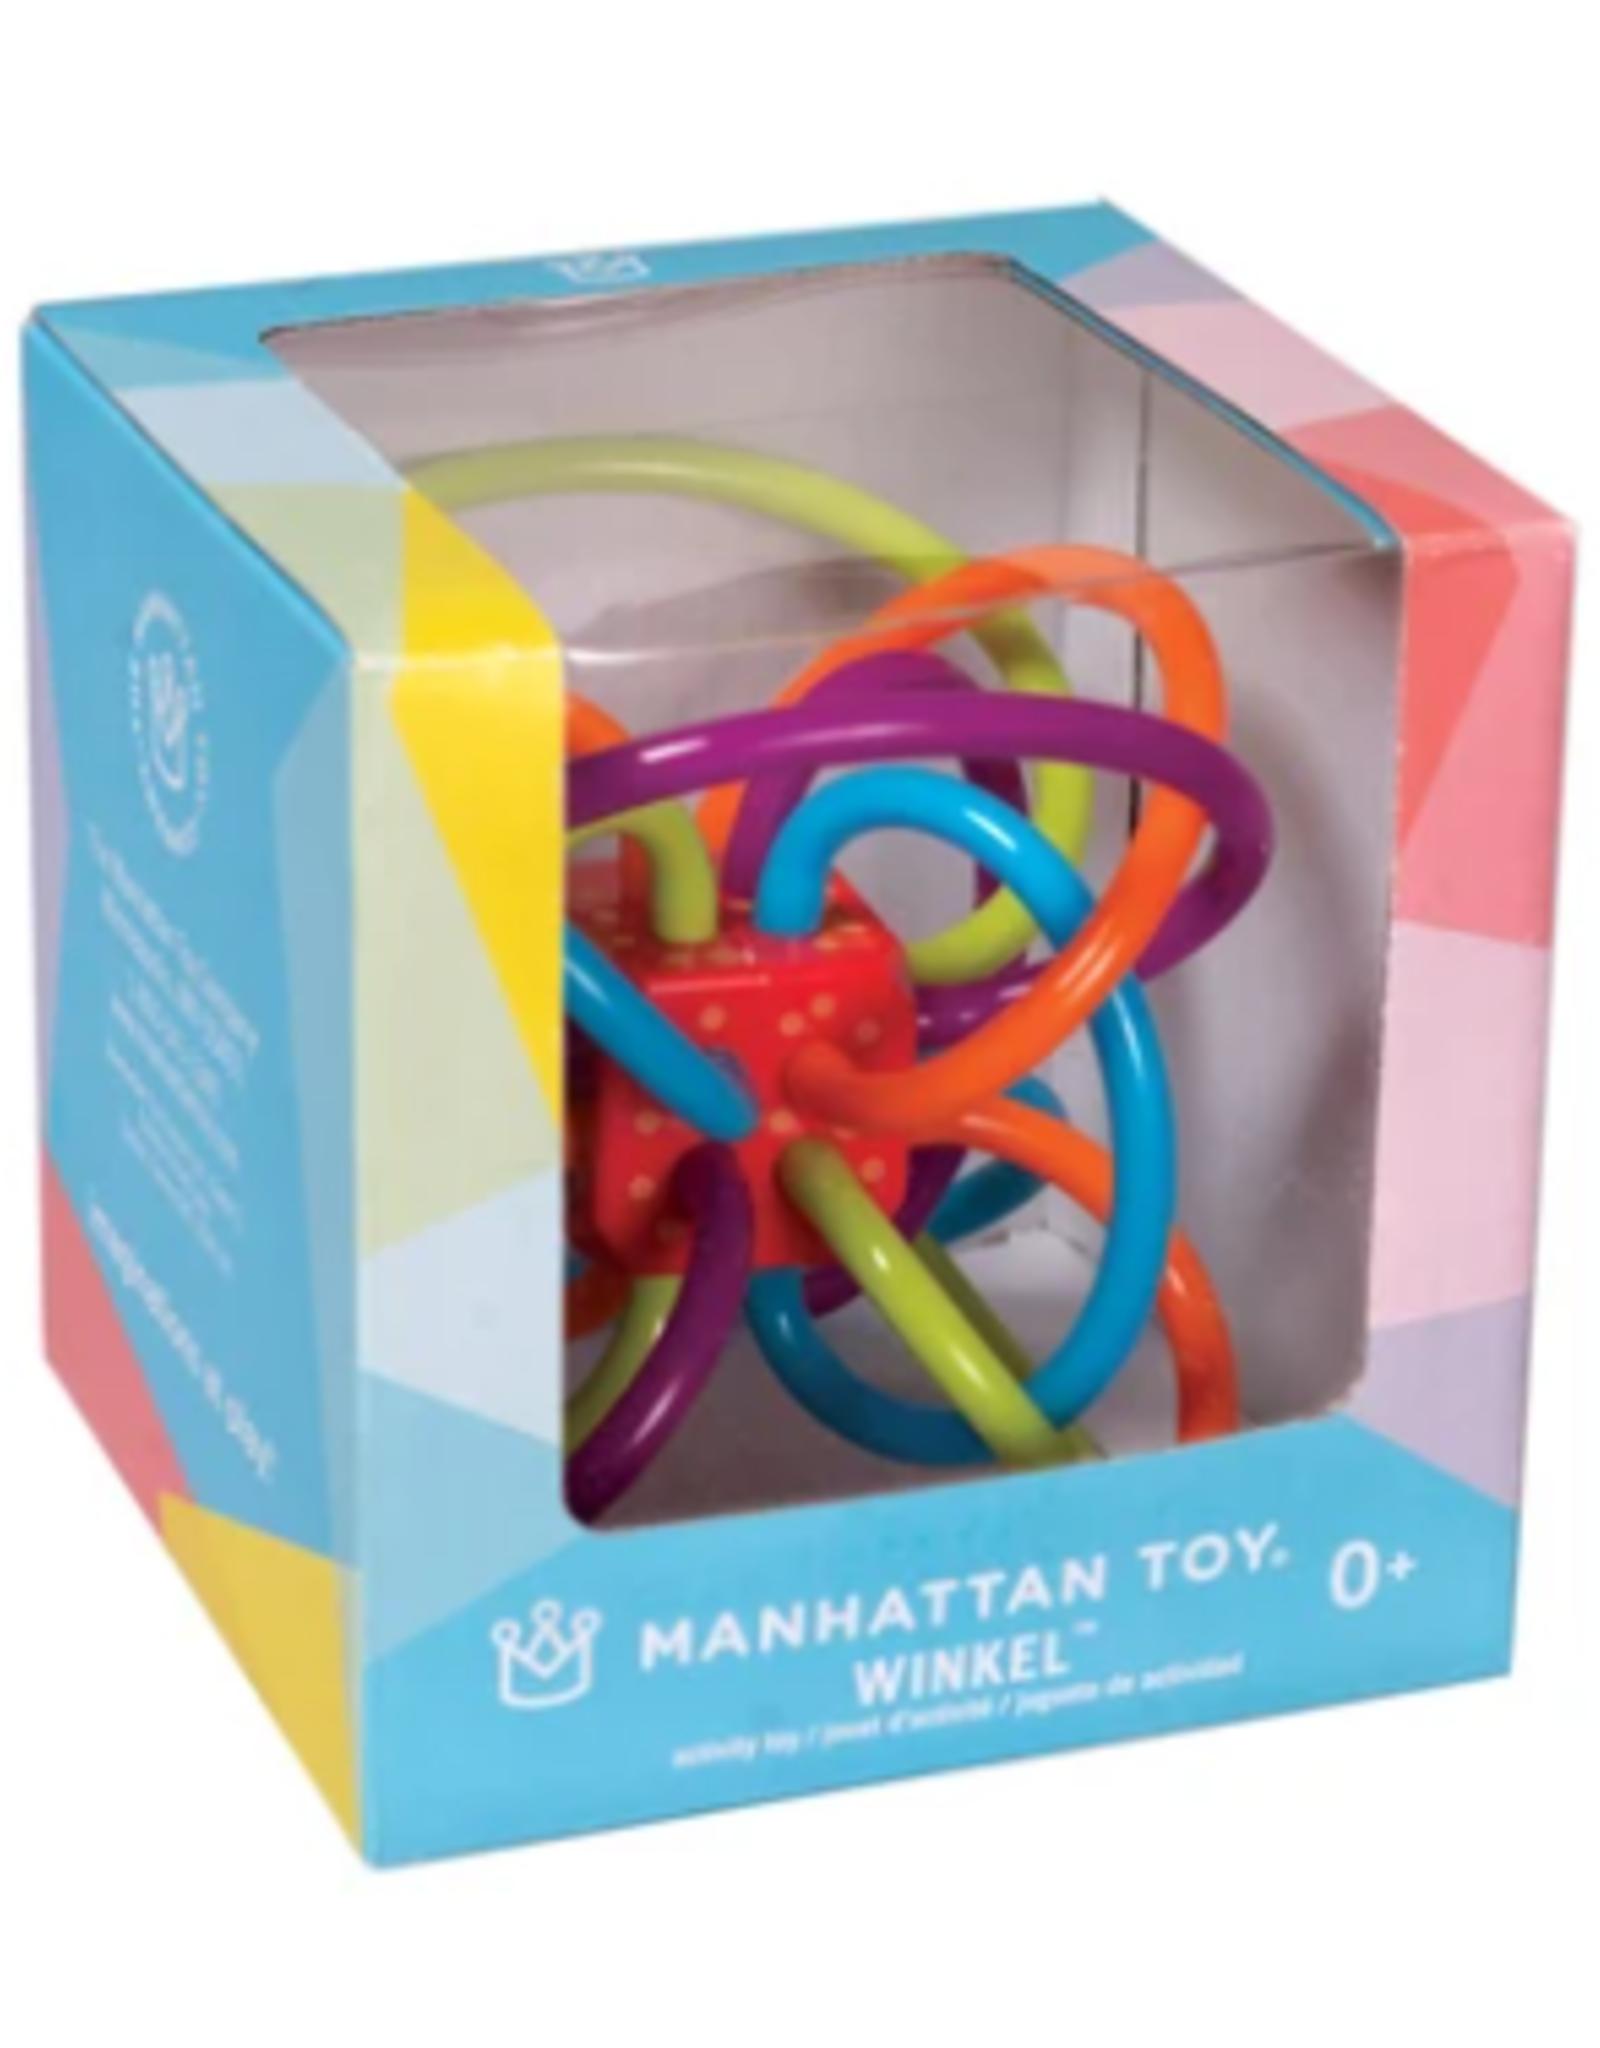 Manhattan Toy Winkel, boxed